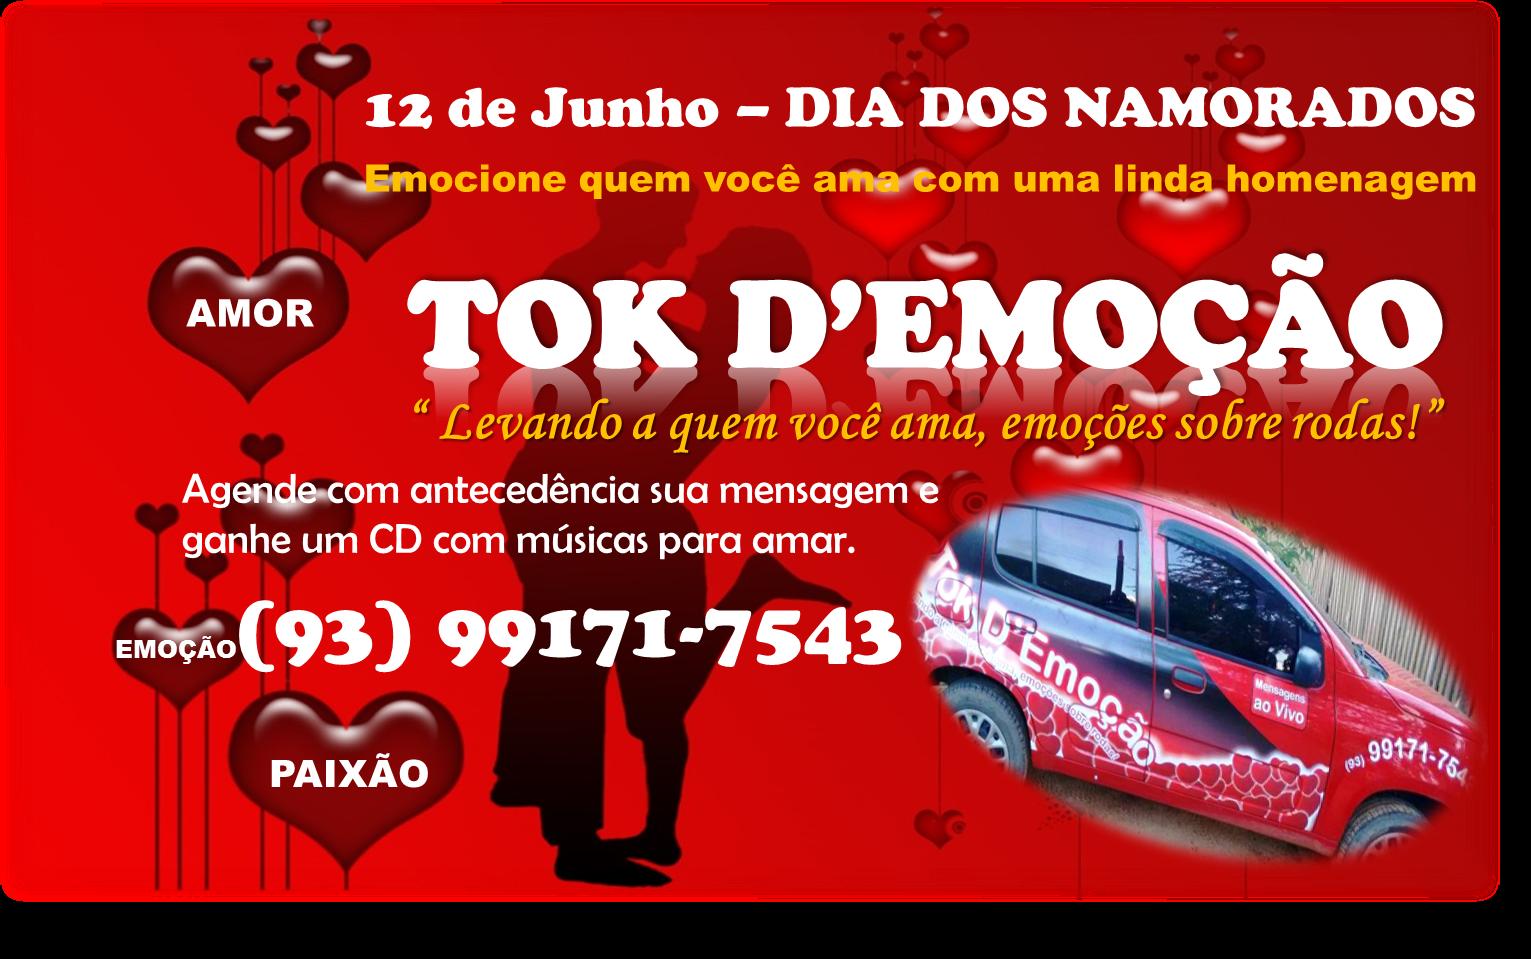 TOK D' EMOÇÃO